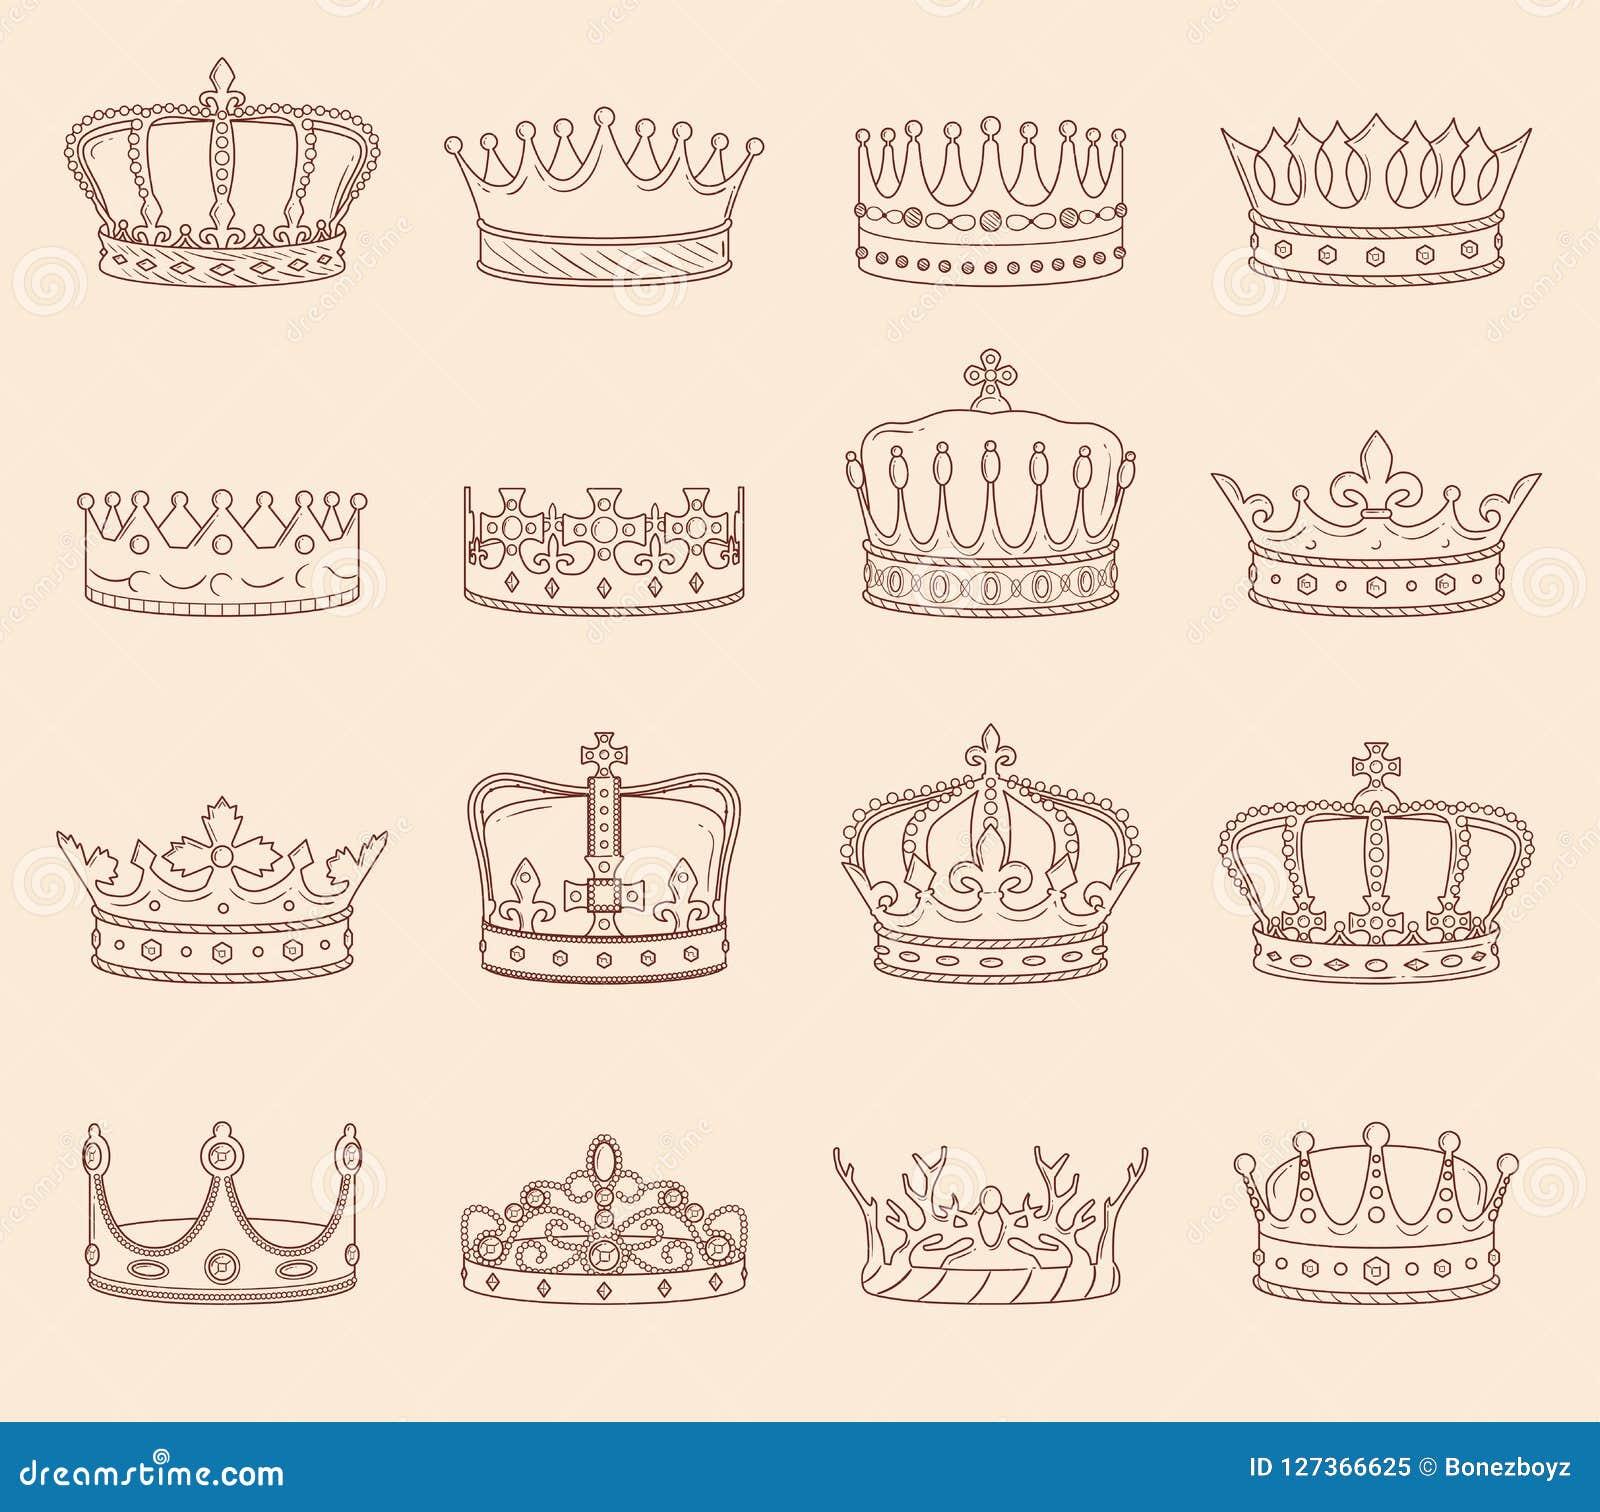 Dibujos De La Corona Del Rey Y De La Reina Ilustración Del Vector